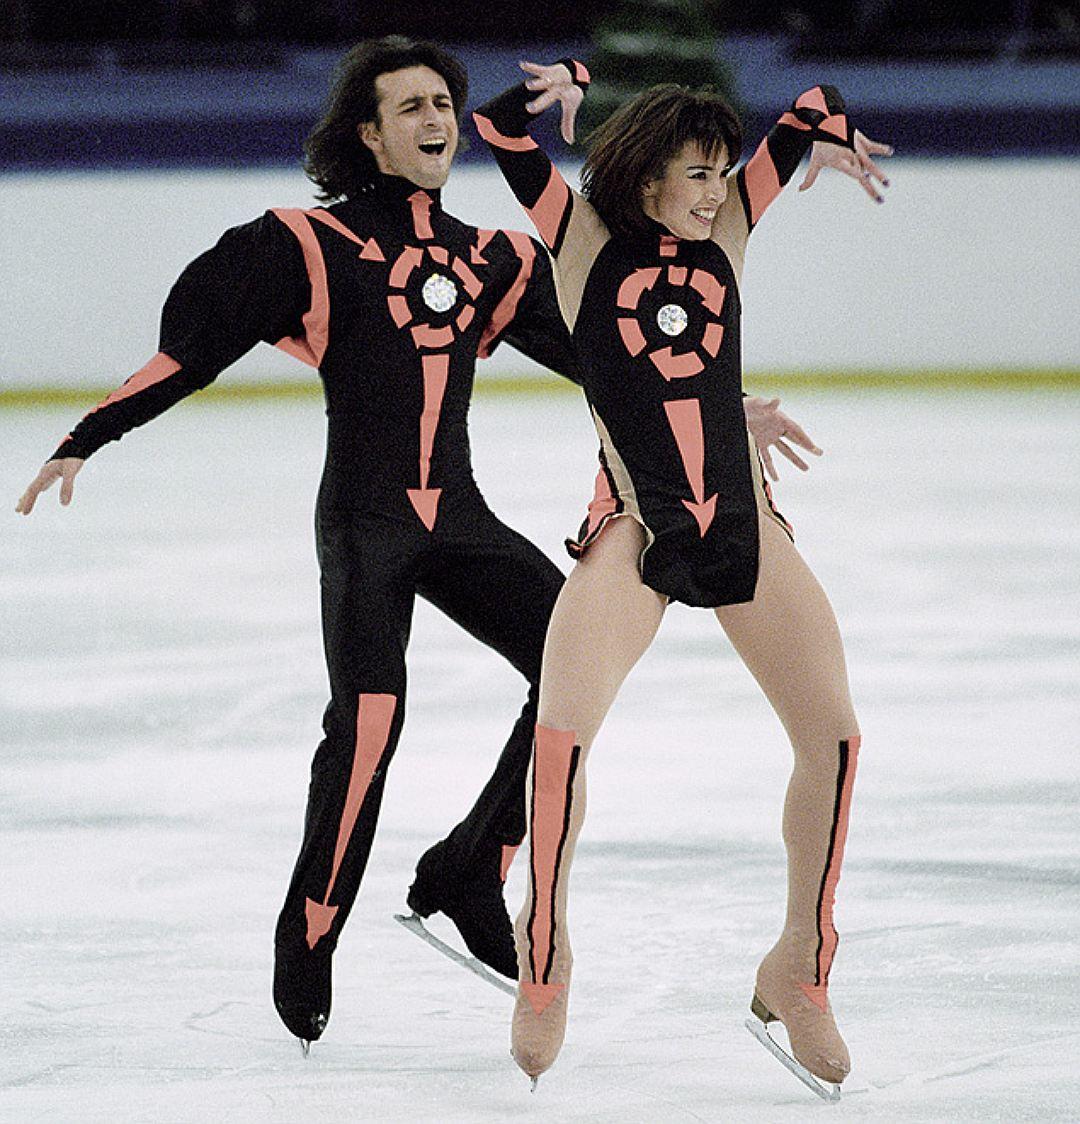 Ирина Лобачева и Илья Авербух на соревнованиях